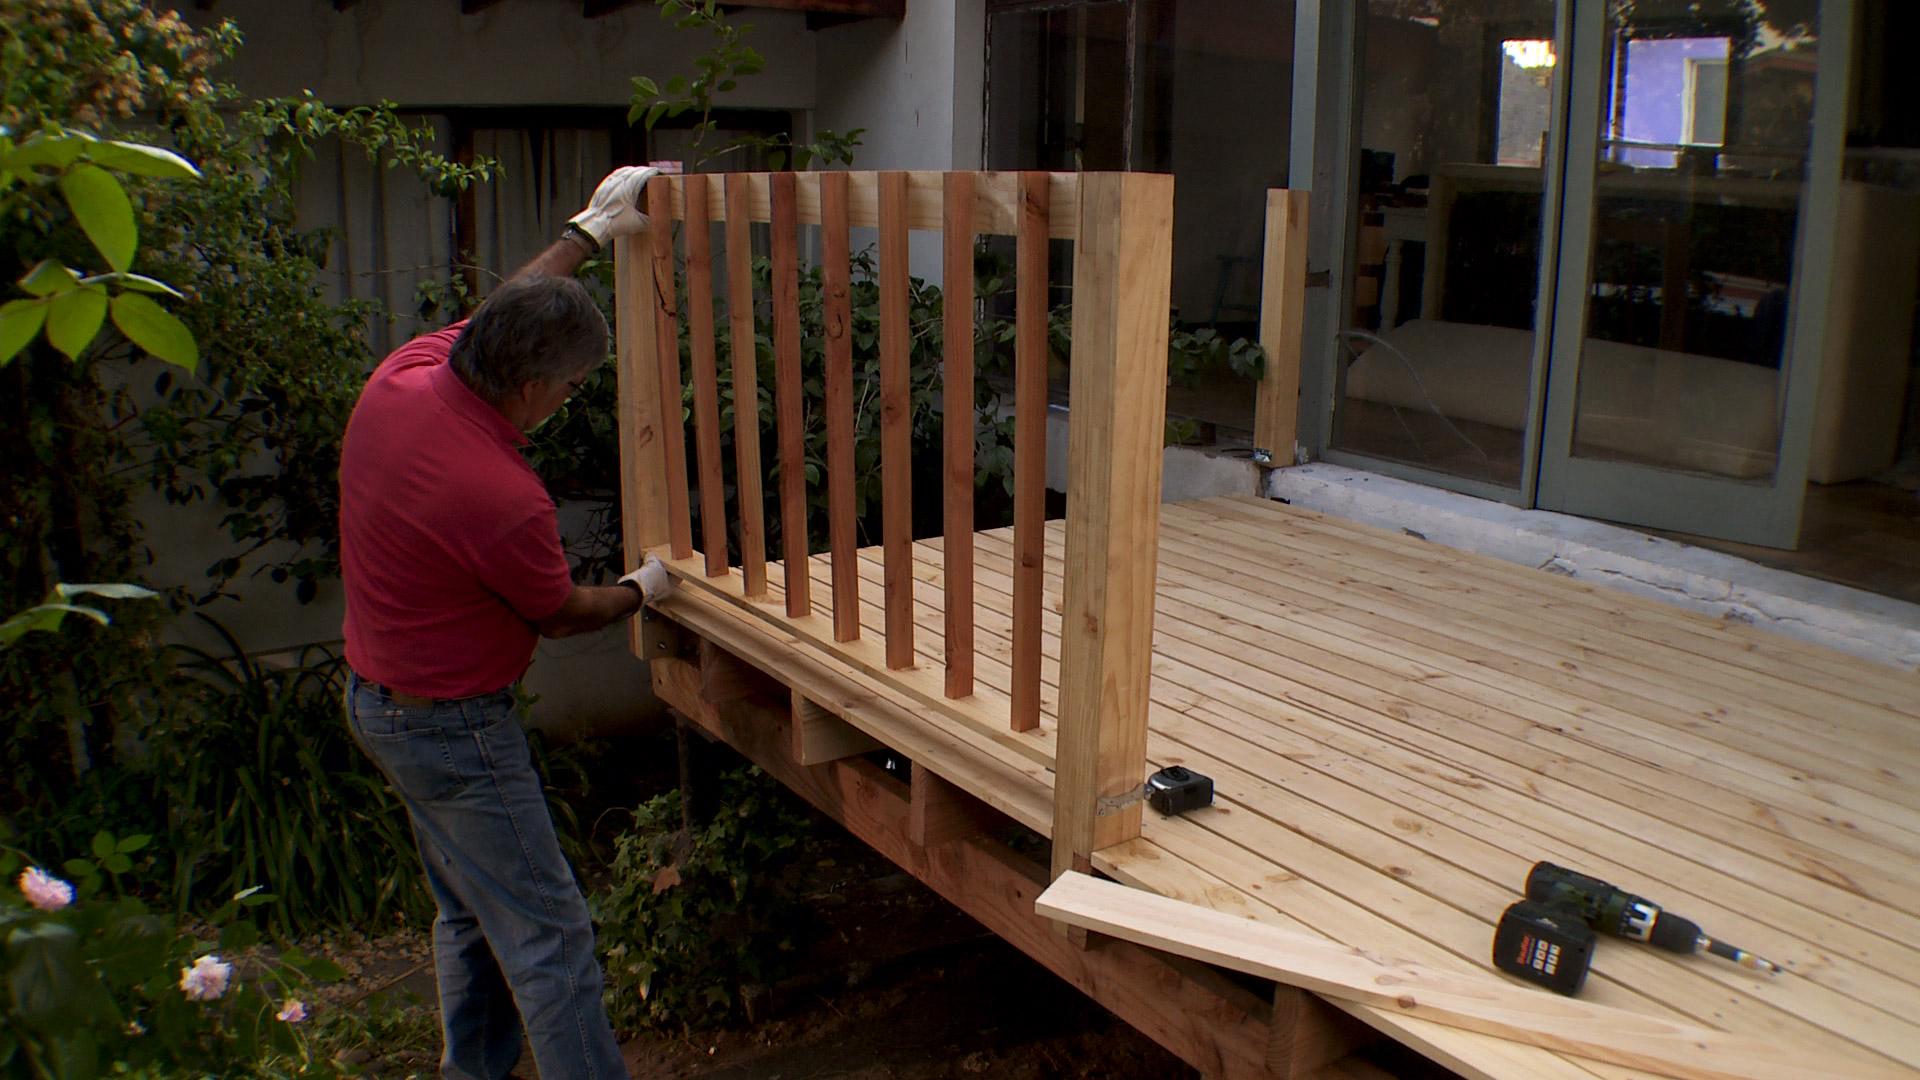 Construye tu propia terraza de madera en simples pasos manos a la obra - Construir una terraza ...